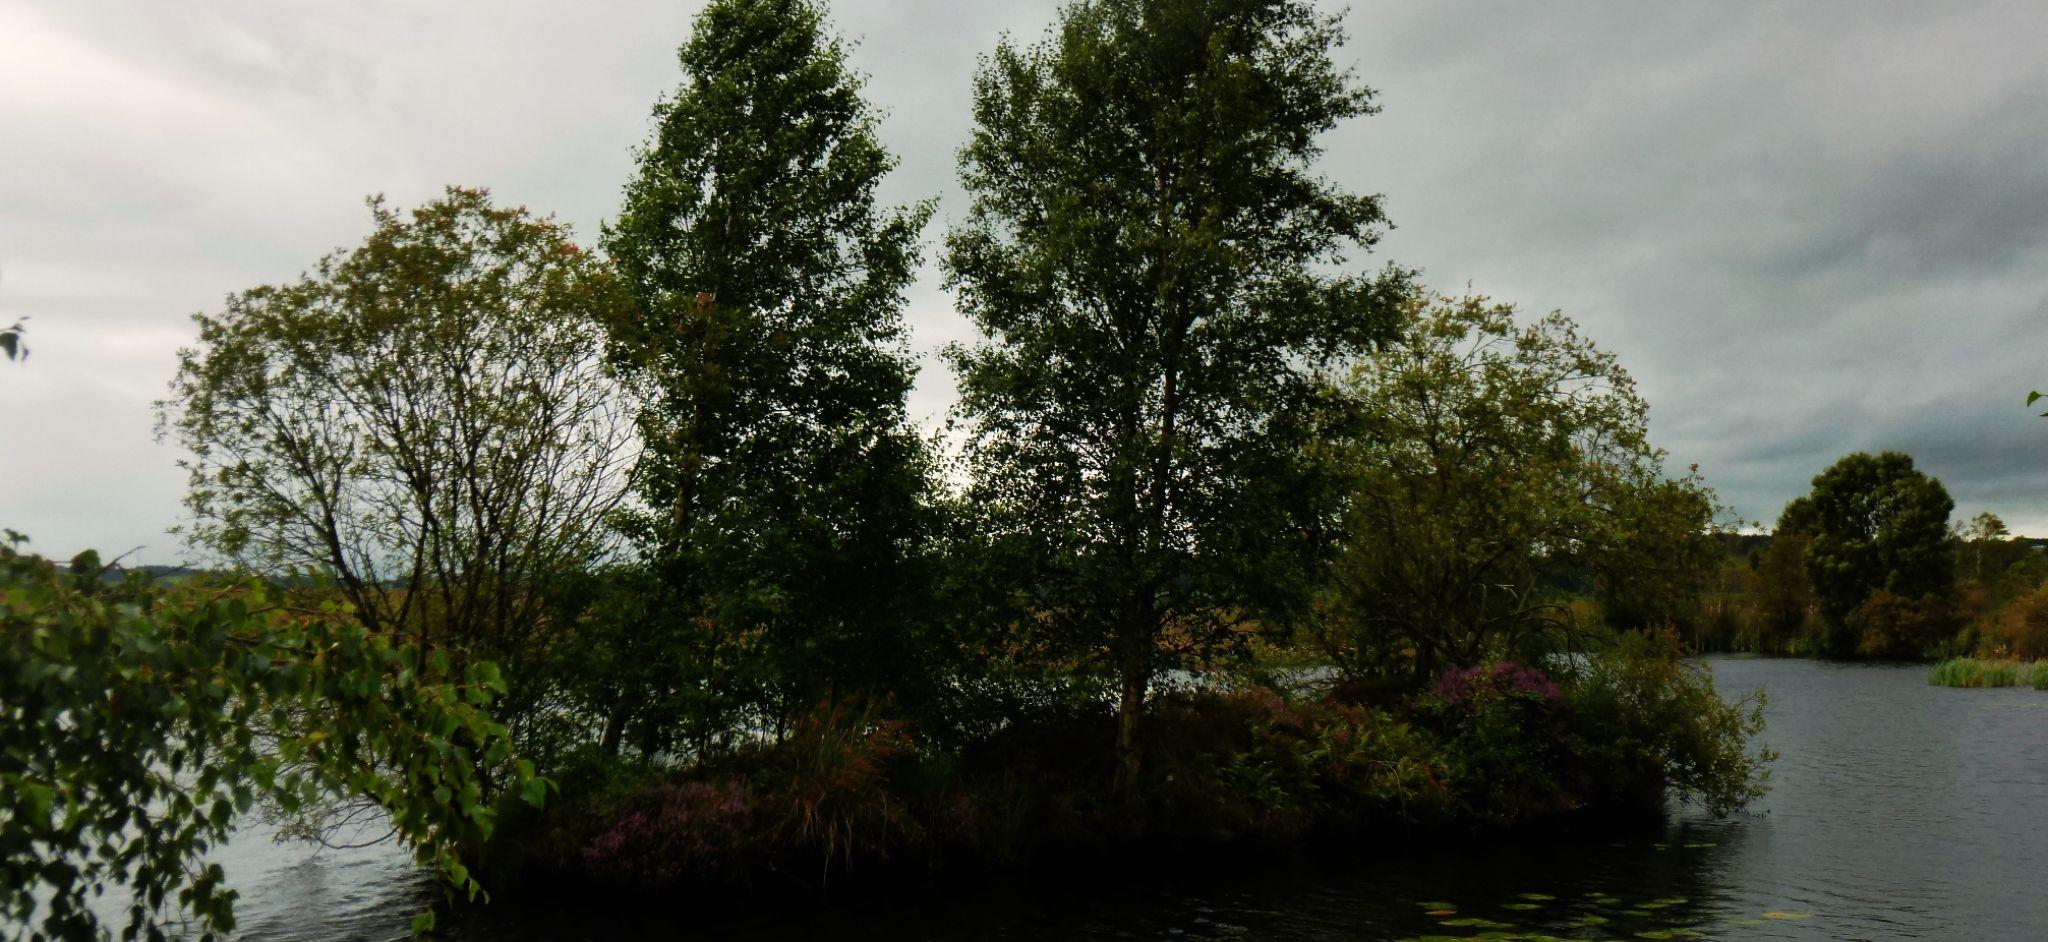 tregaron bog wales by chris.adams.3557